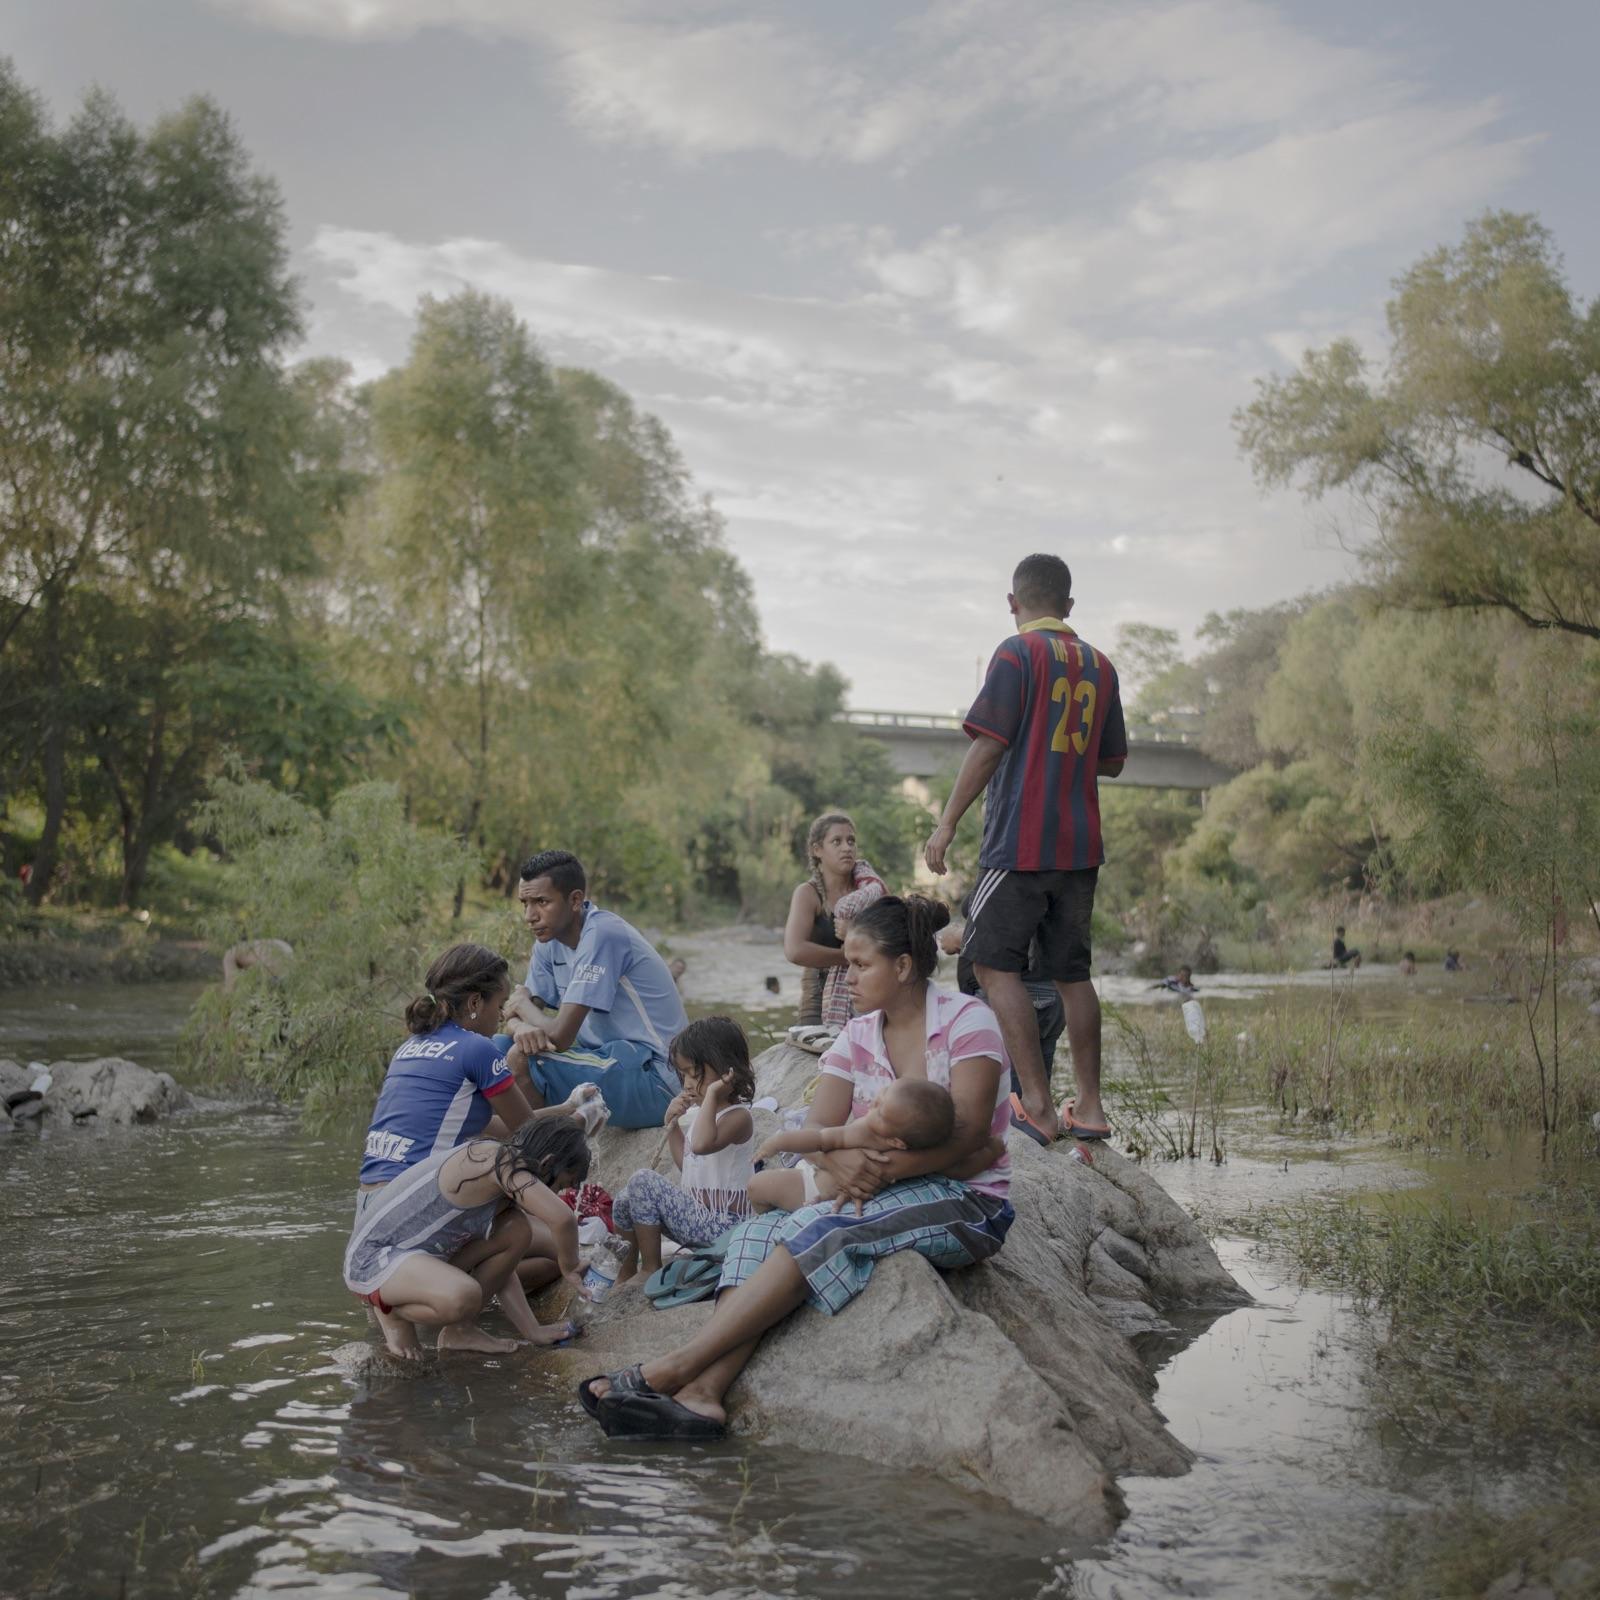 foto van vluchtende familie uit Midden-Amerika zittend op een rots die uitsteekt boven de rivier